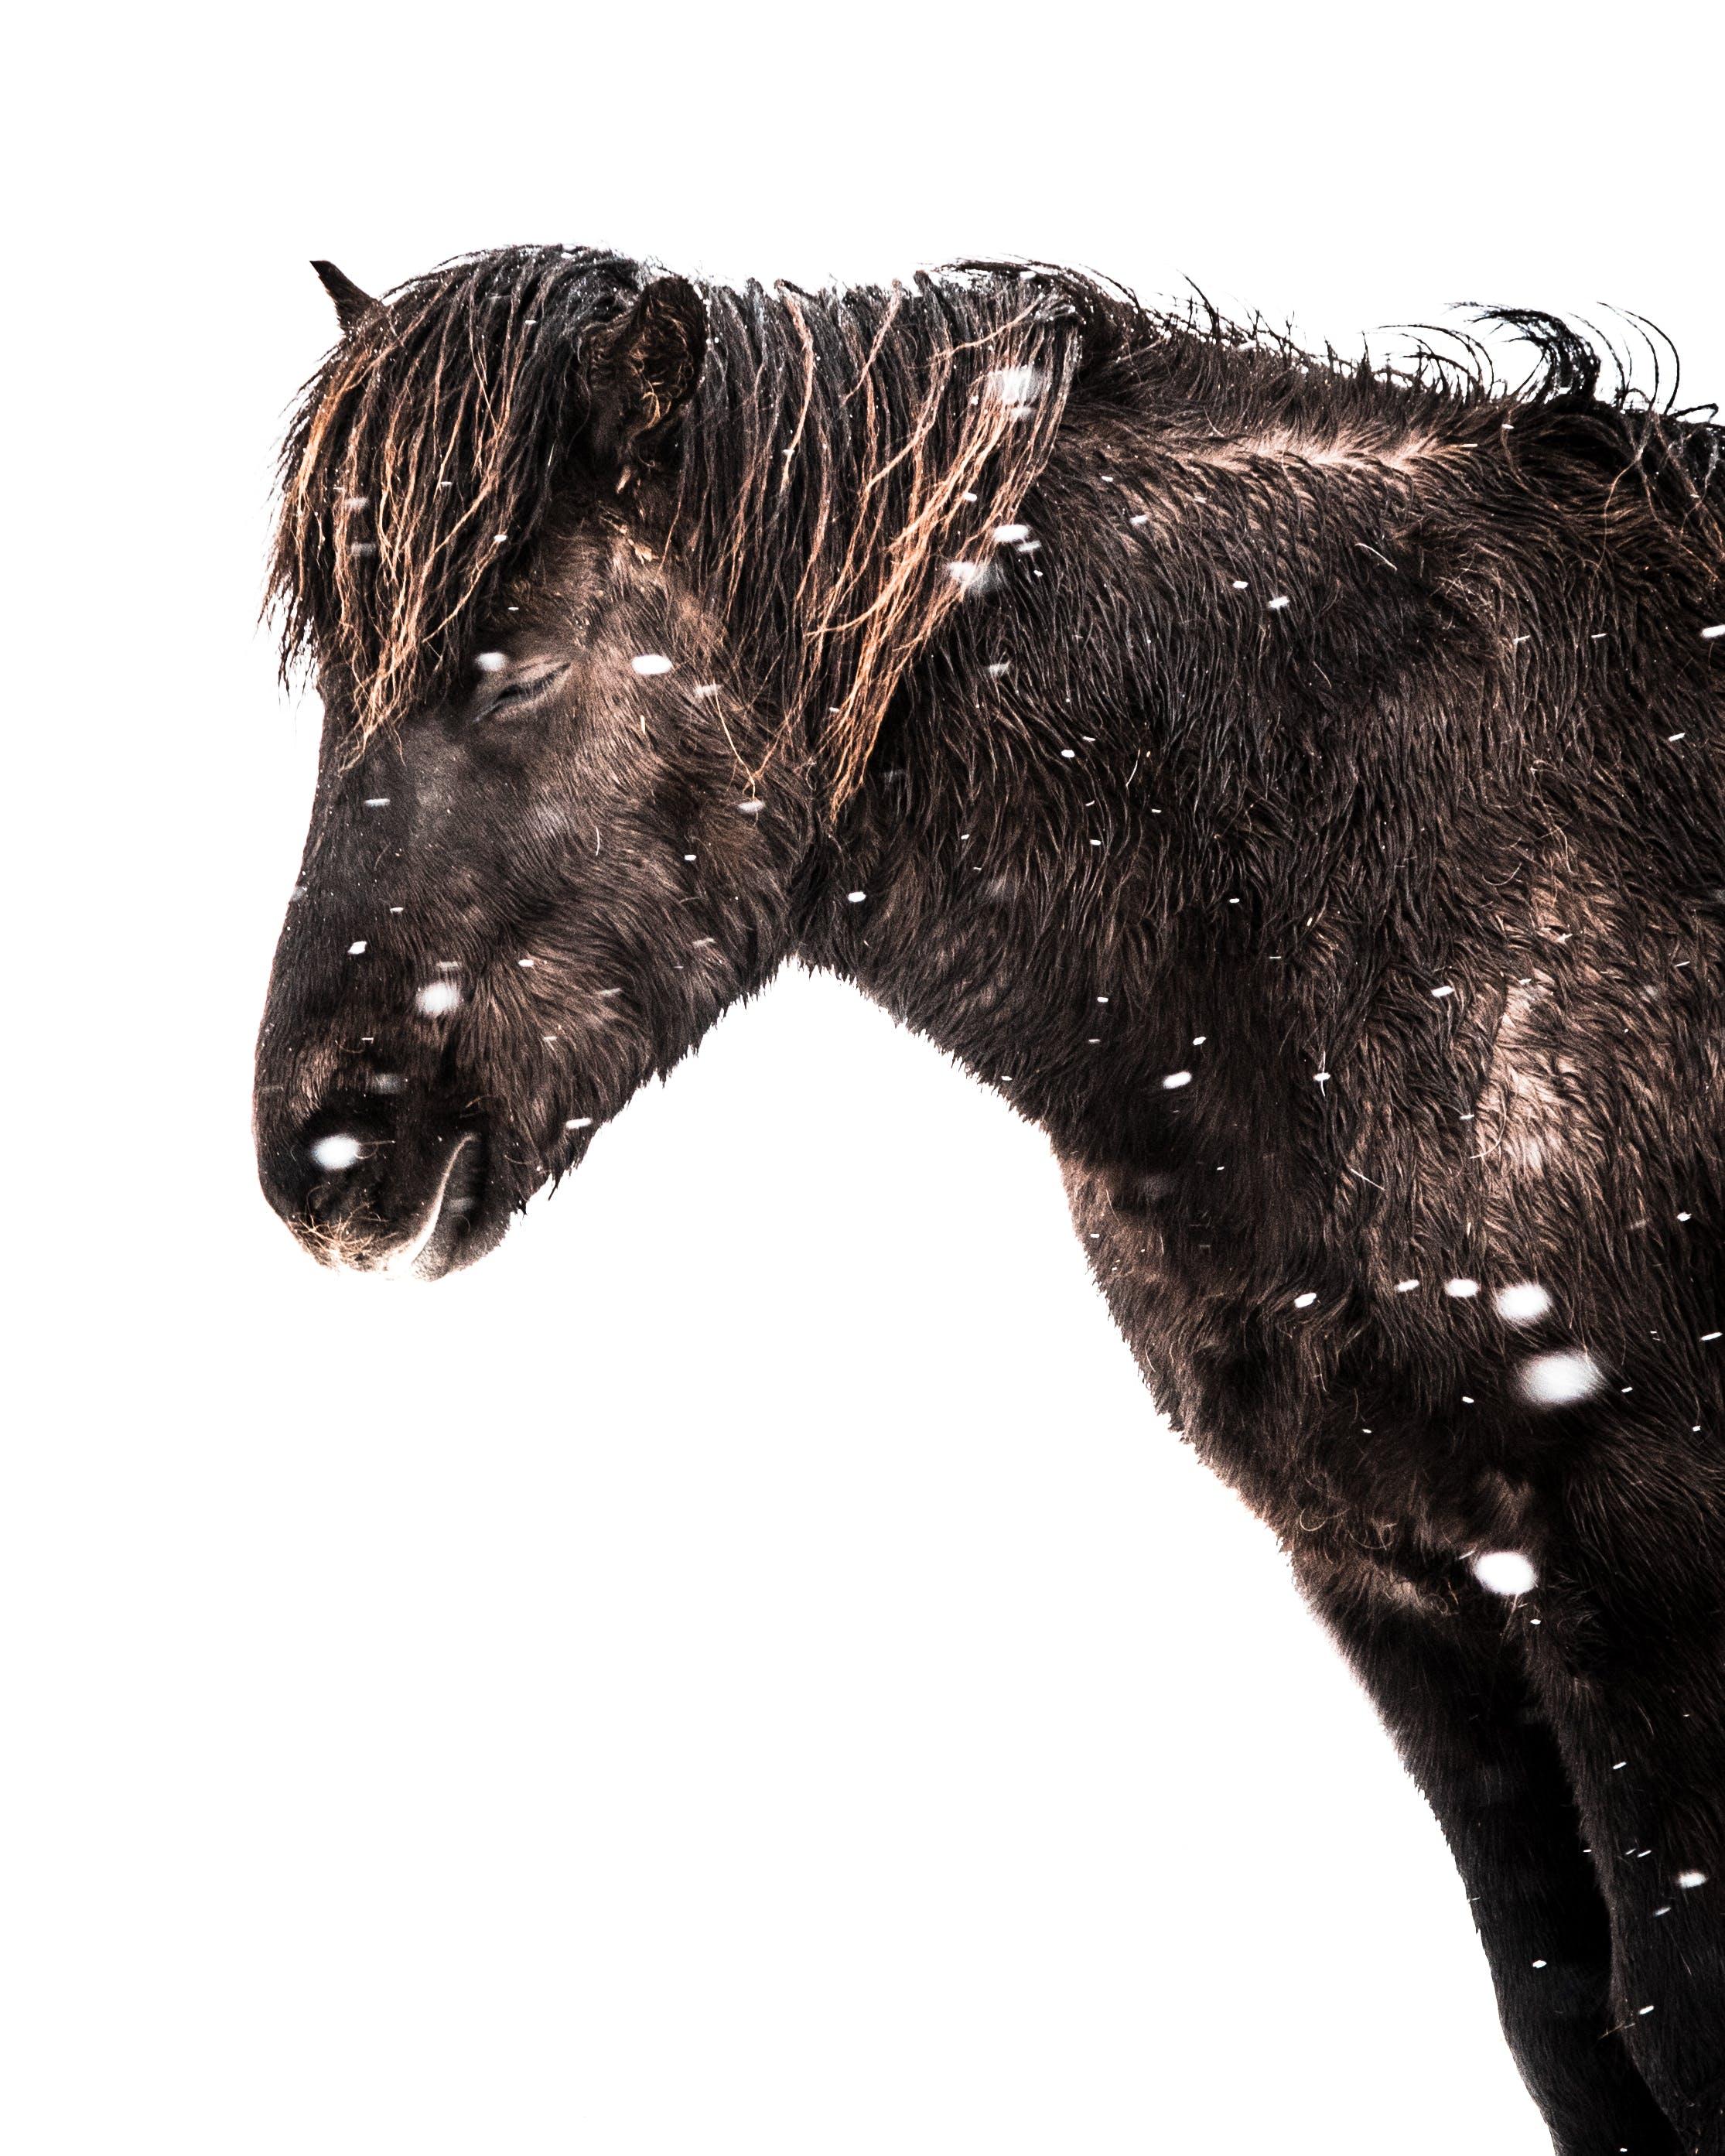 가축, 감기, 겨울, 동물의 무료 스톡 사진